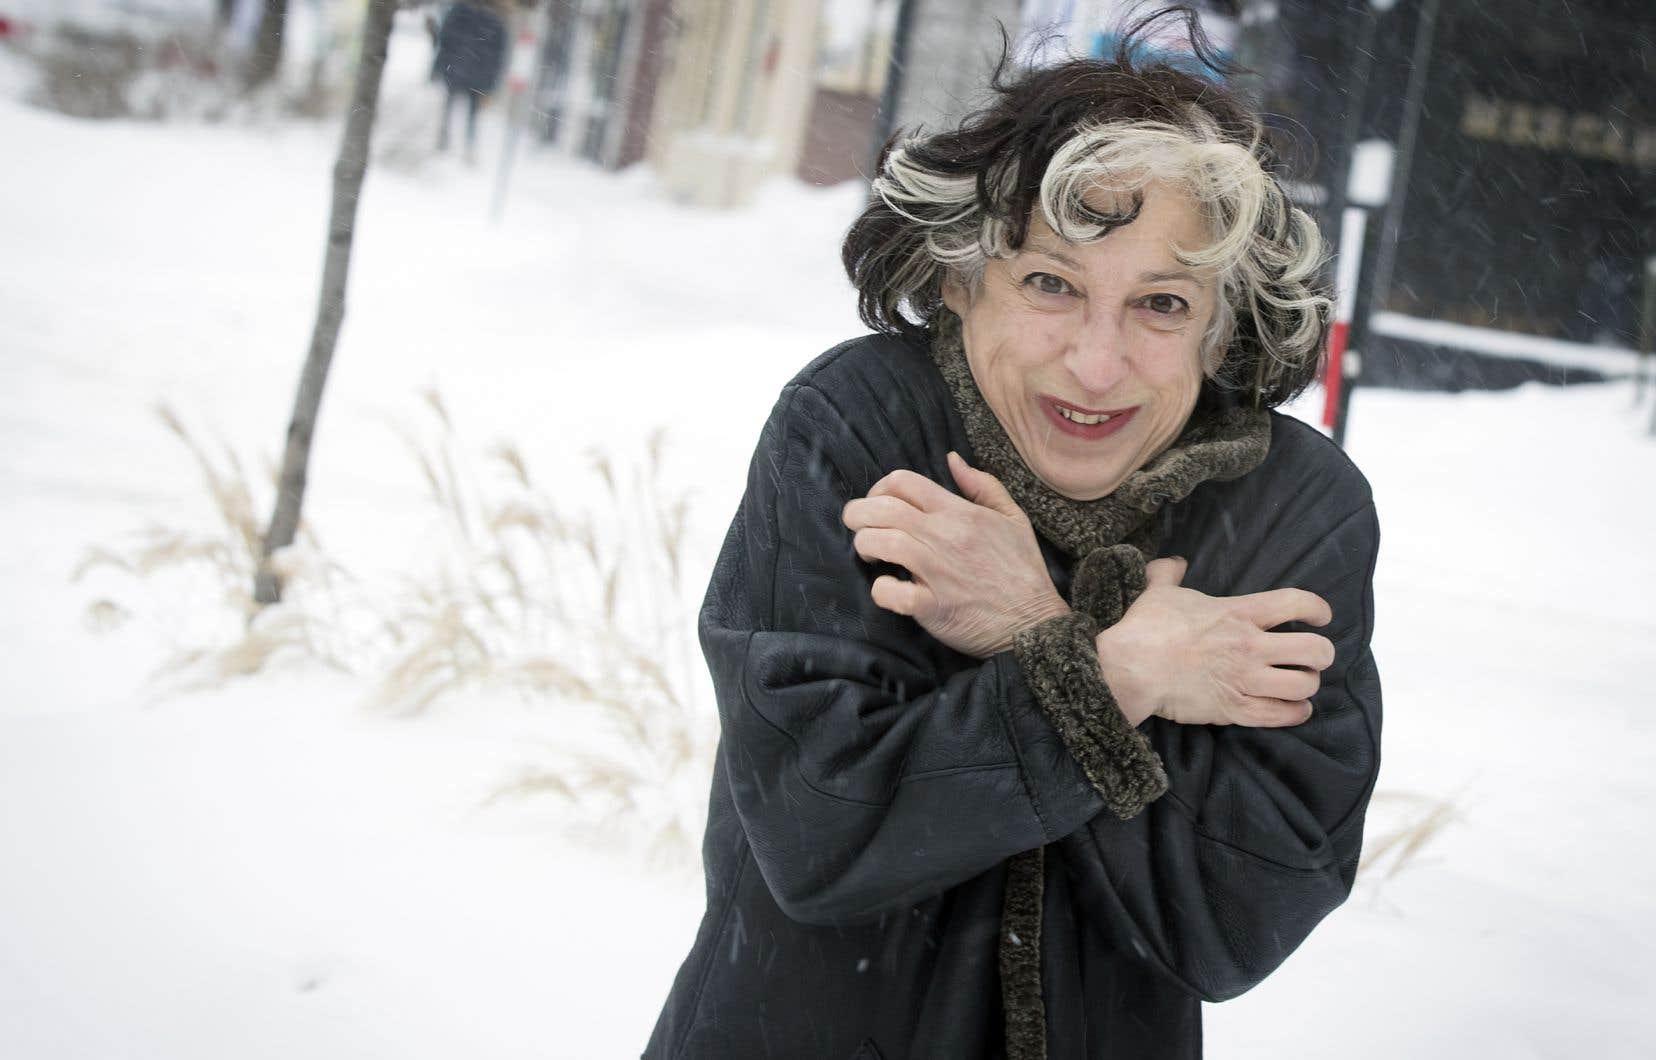 La créatrice montréalaise d'adoption, Dulcinée Langfelder, a gardé pendant des années un magnétophone sous son oreiller pour enregistrer ses rêves.